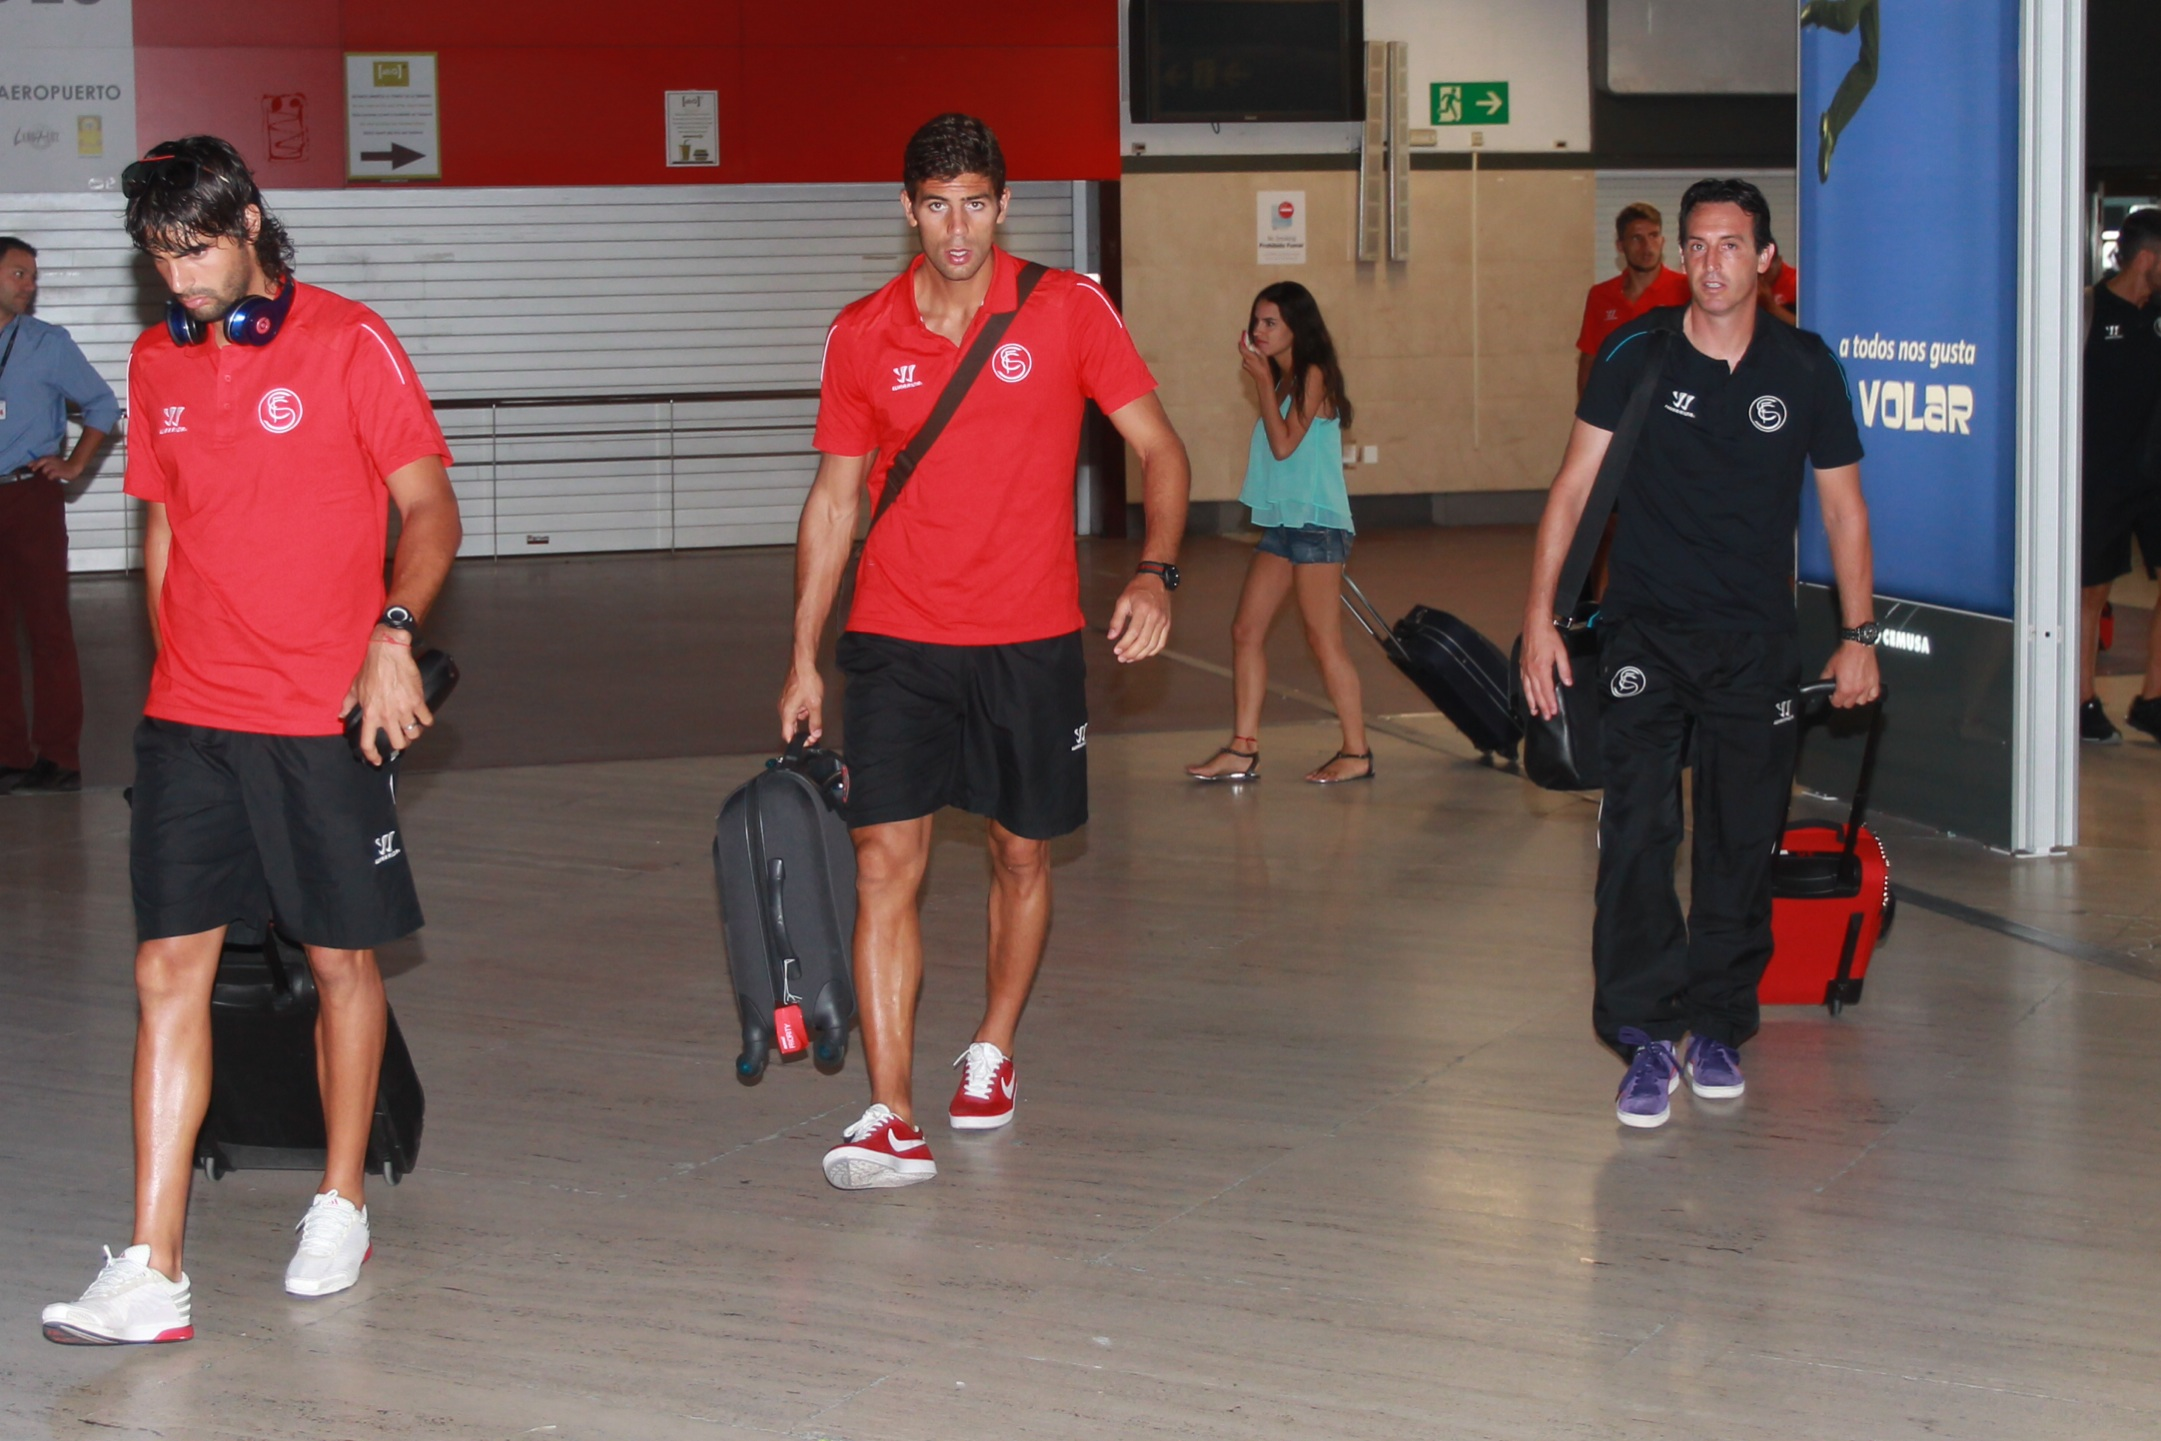 Unai Emery y Federico Fazio, ayer por la tarde en el campo de fútbol de Costa Ballena. / Tolo Parra